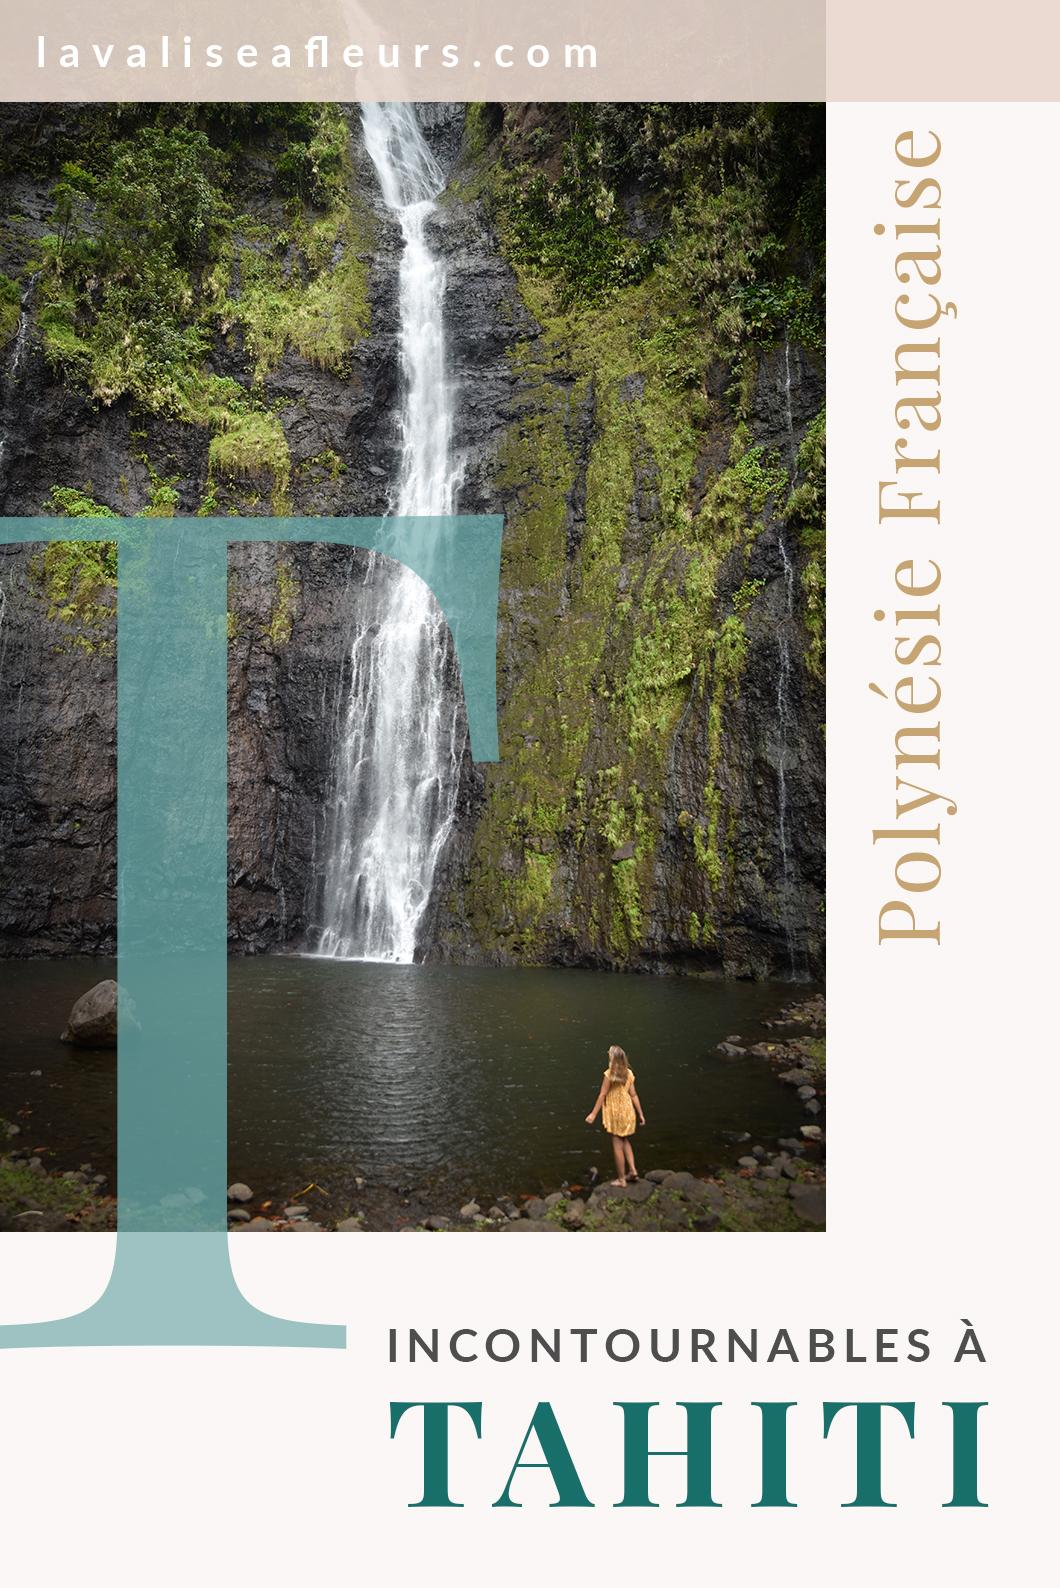 Les visites incontournables à Tahiti en Polynésie Française